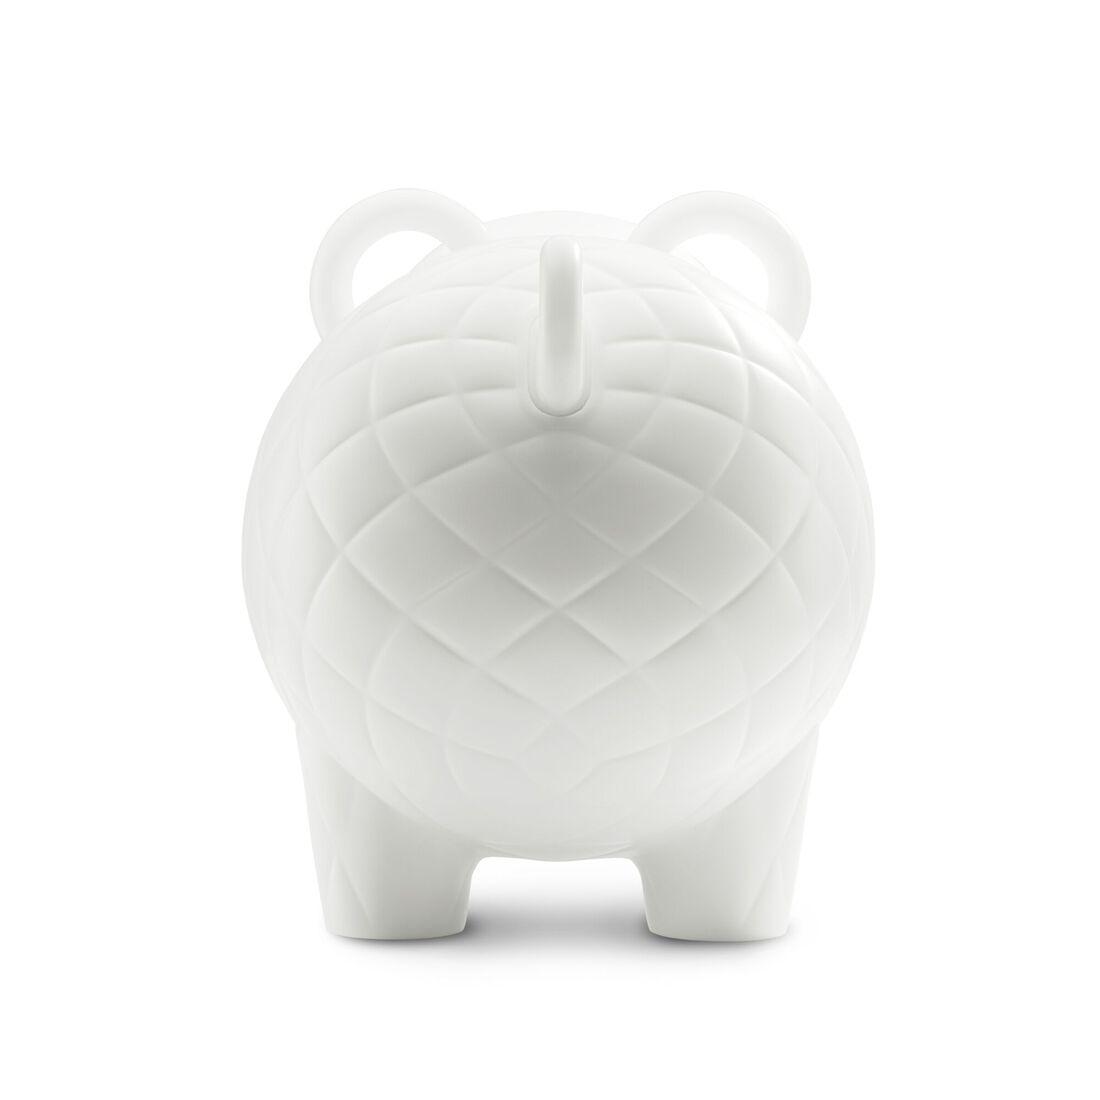 CYBEX Hausschwein - White in White large Bild 4